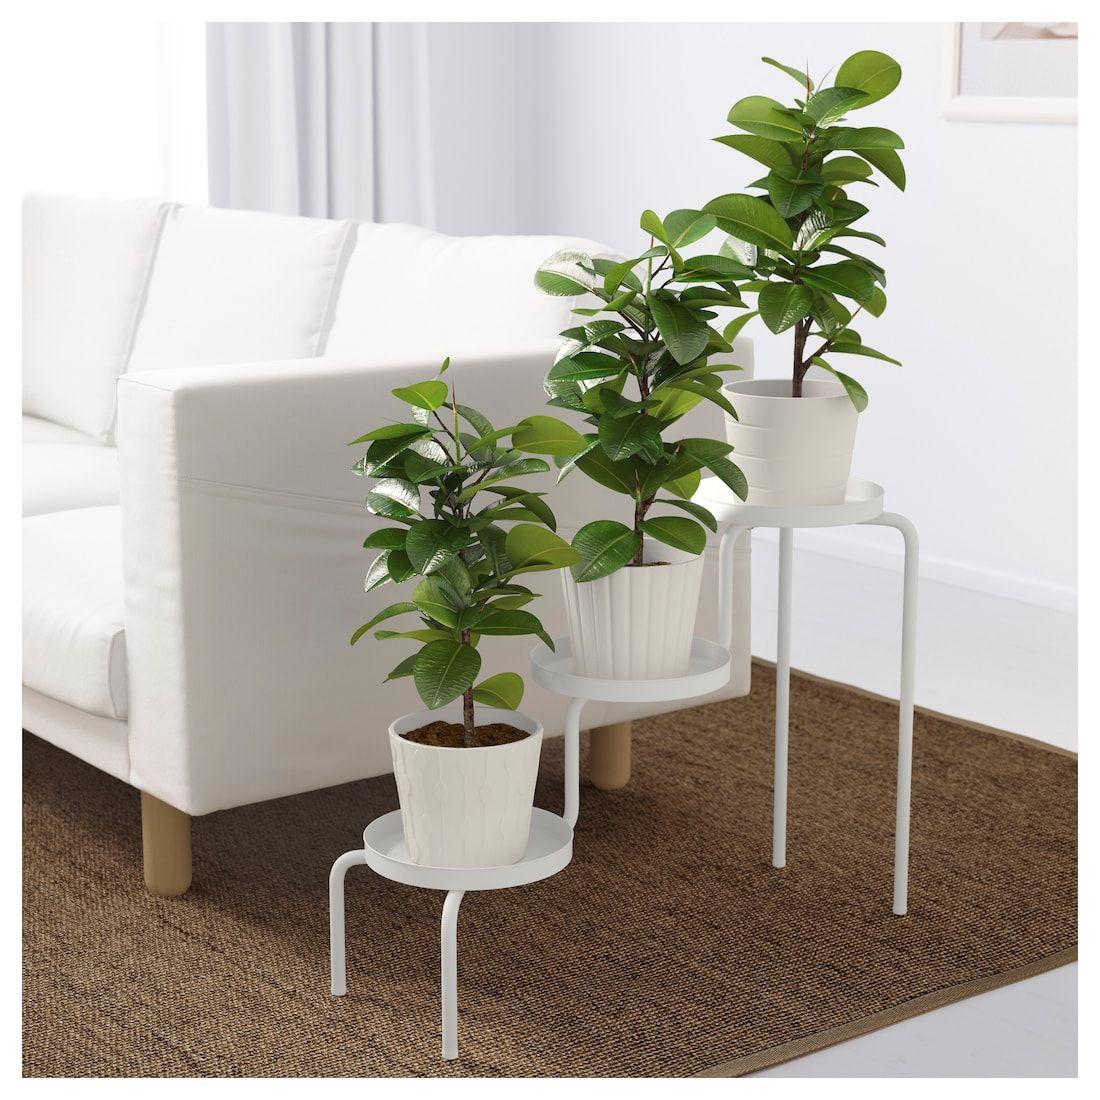 blumenst nder ikea ps 2014 wei drinnen drau en wei en. Black Bedroom Furniture Sets. Home Design Ideas